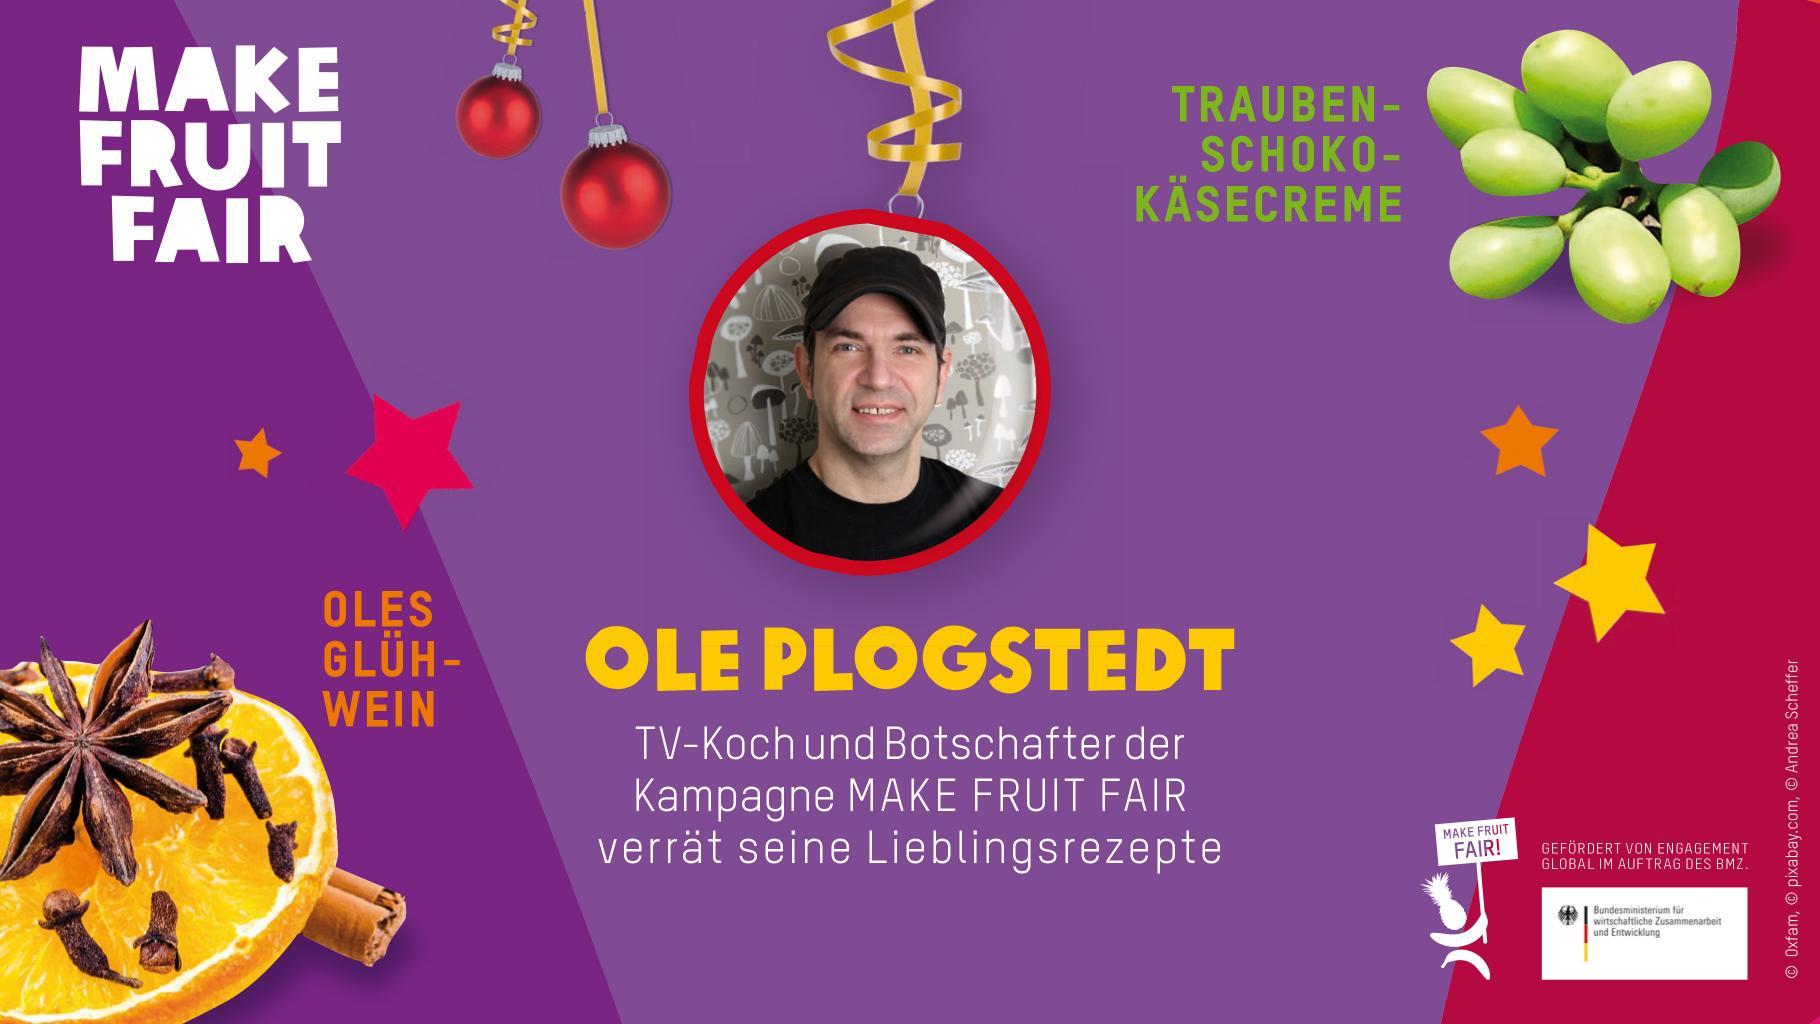 """Ole Plogstedt, TV-Koch und Botschafter der Kampagne """"Make Fruit Fair"""", verrät seine Lieblingsrezepte: Oles Glühwein und Trauben-Schoko-Käsecreme"""